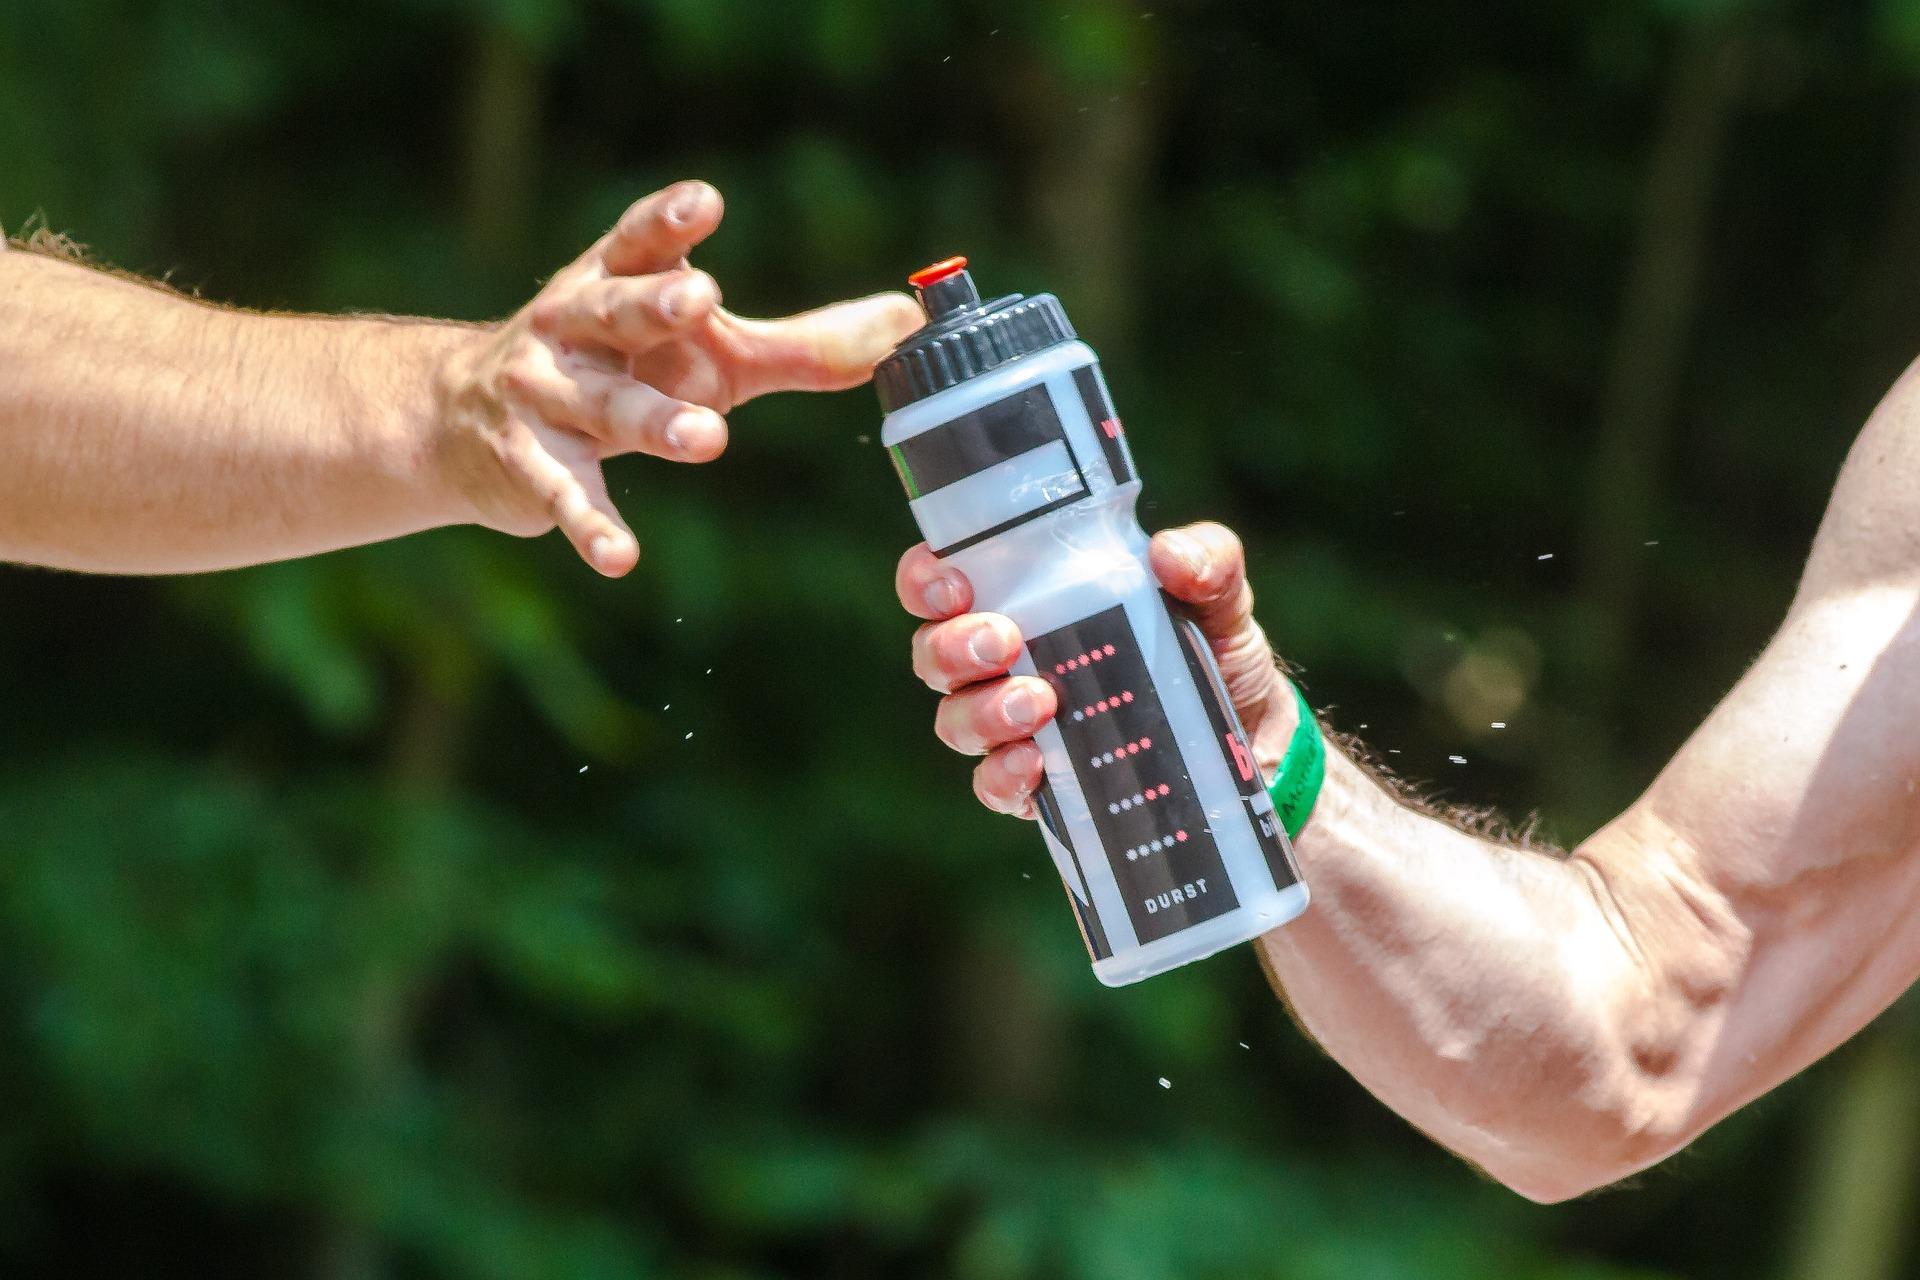 bebida isotónica, deporte, entrenamiento, salud, vida sana. Centro Pronaf